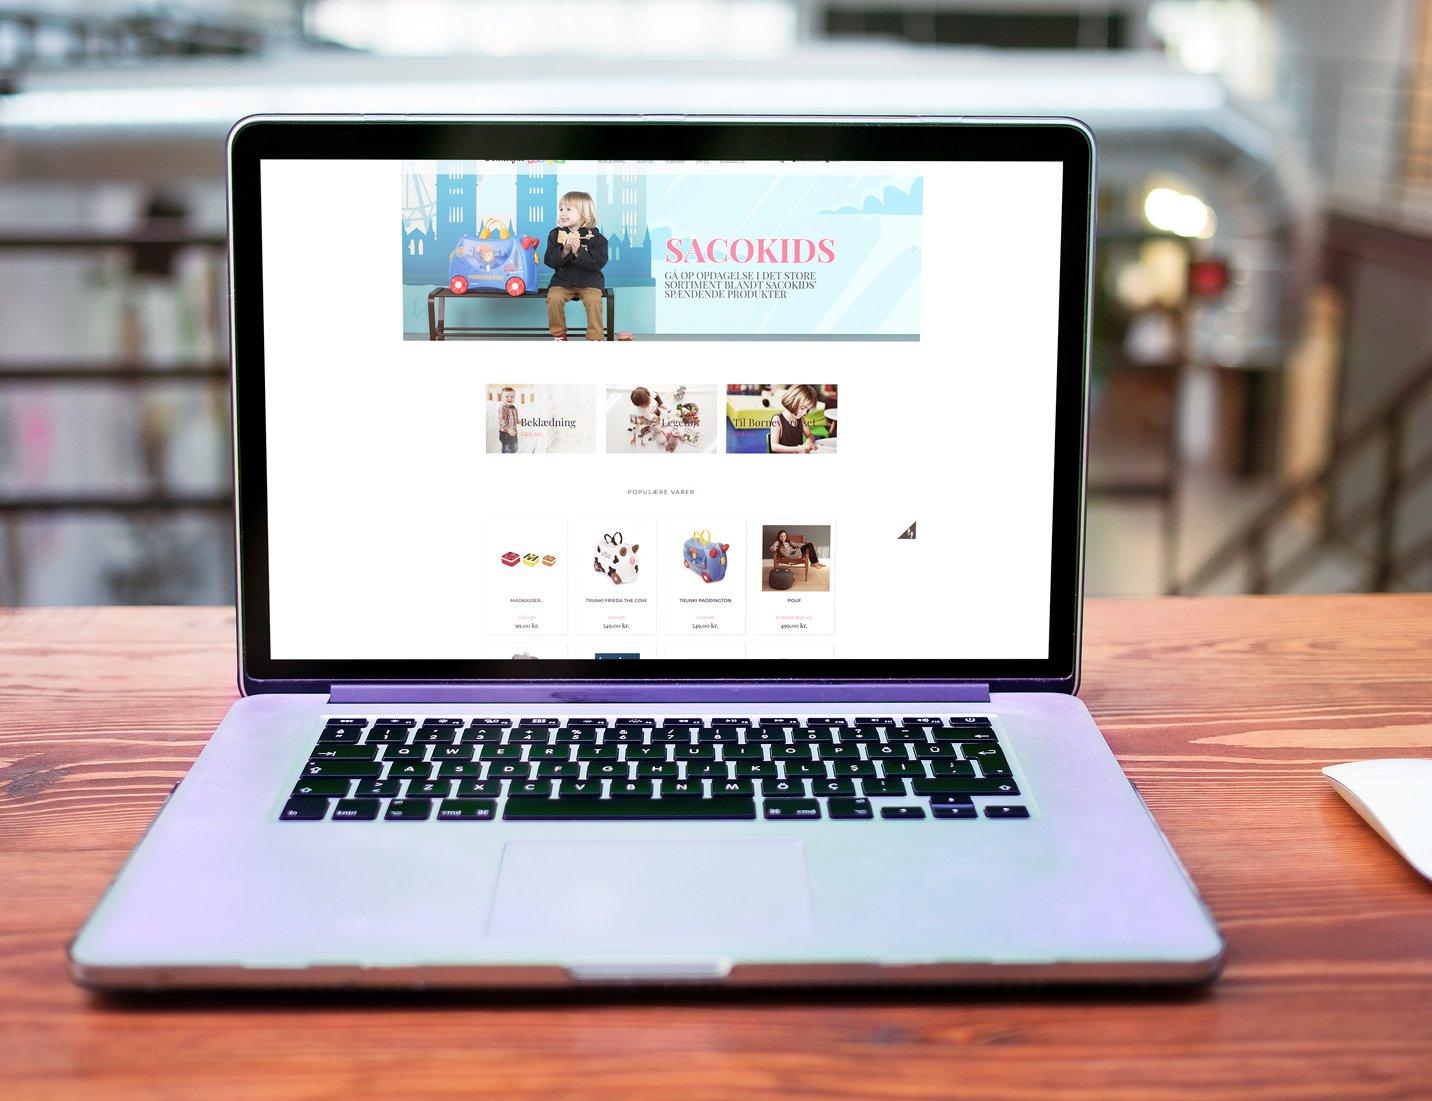 Webshop med salg af børne tøj med fokus på økologi - dropshipping samt lager.